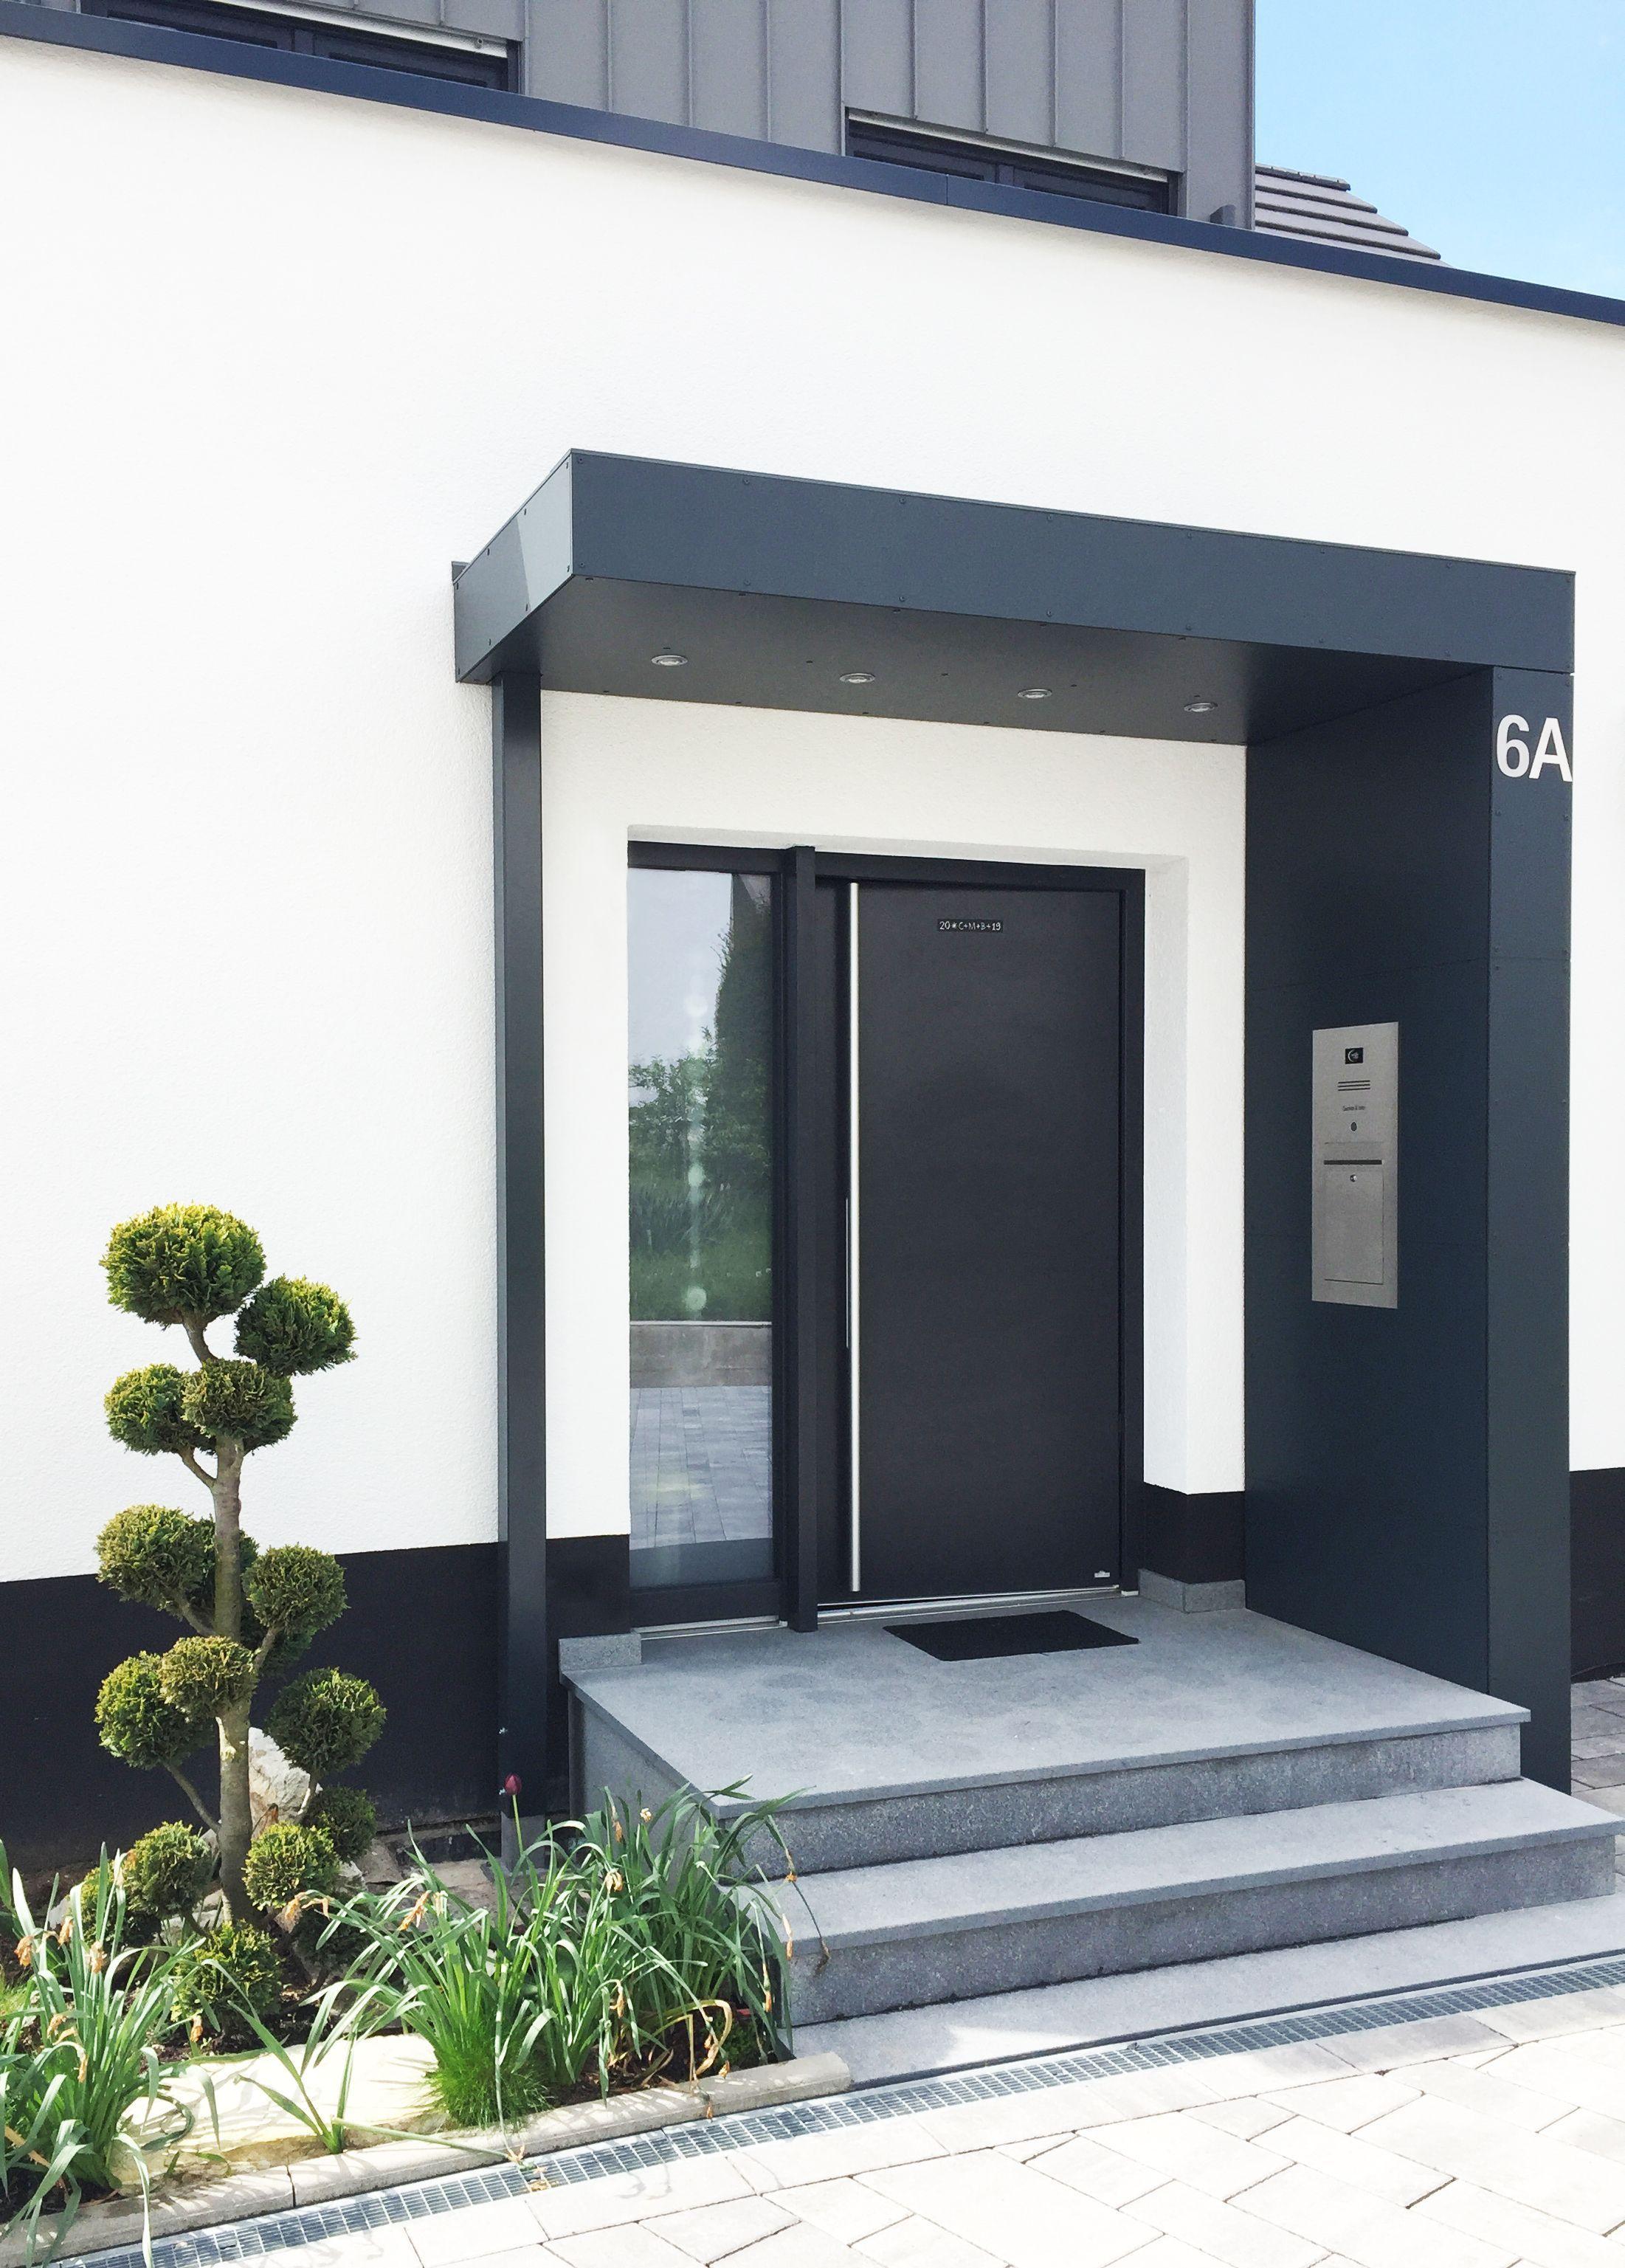 Eingangsüberdachung mit integrierter Klingelanlage und Briefkasten. LED-Spots i…